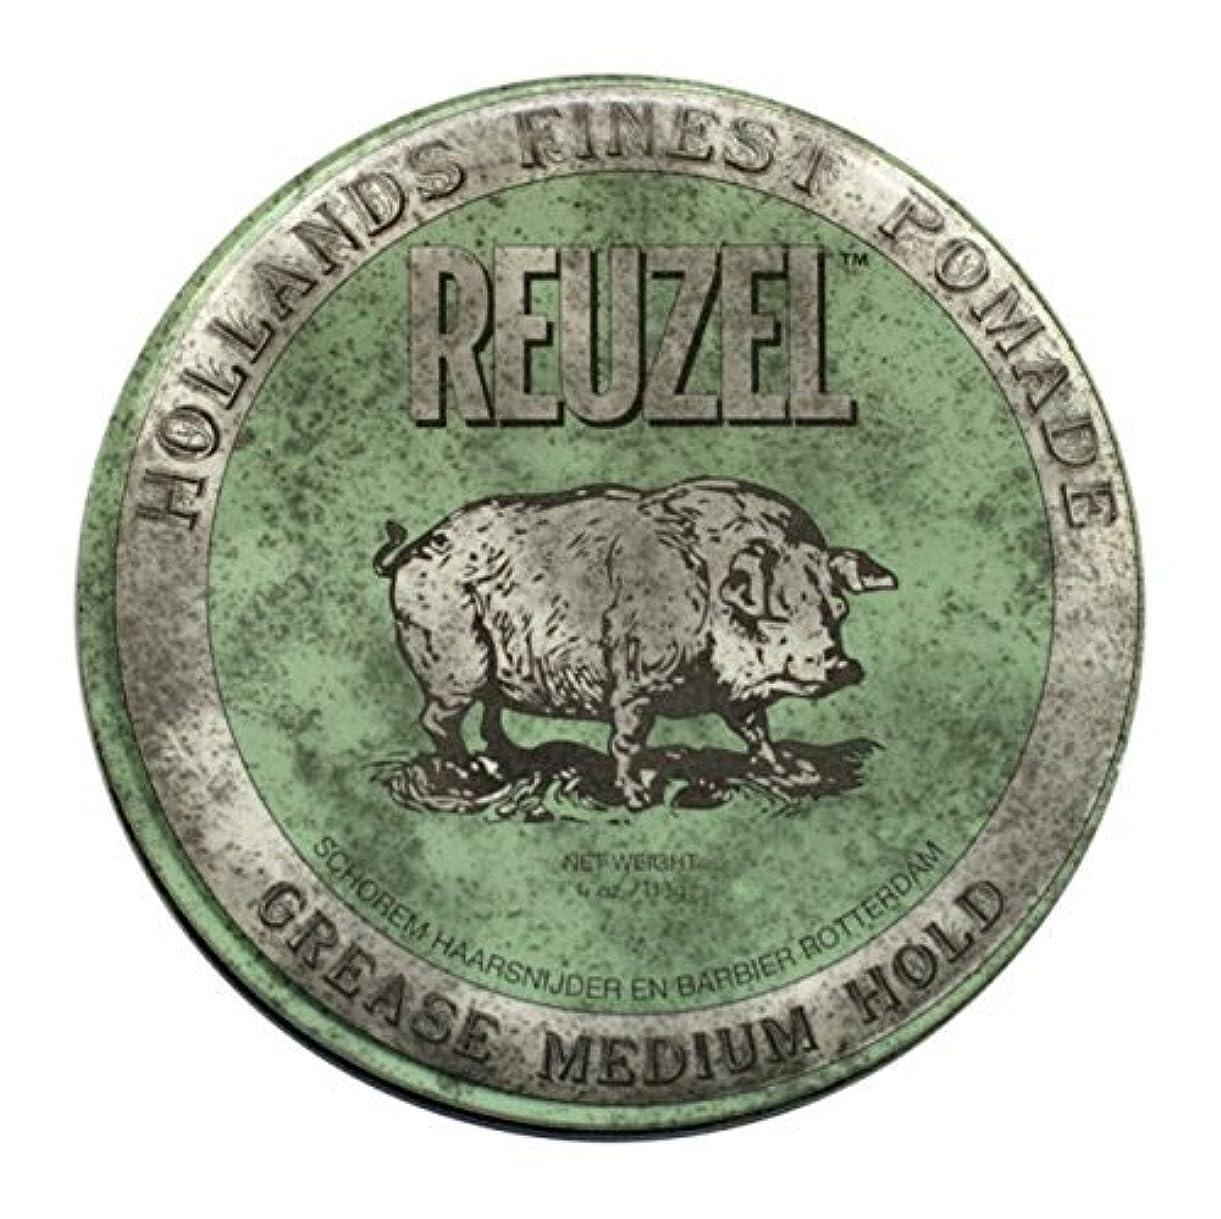 協定起きている効能REUZEL Grease Hold Hair Styling Pomade Piglet Wax/Gel, Medium, Green, 1.3 oz, 35g [並行輸入品]